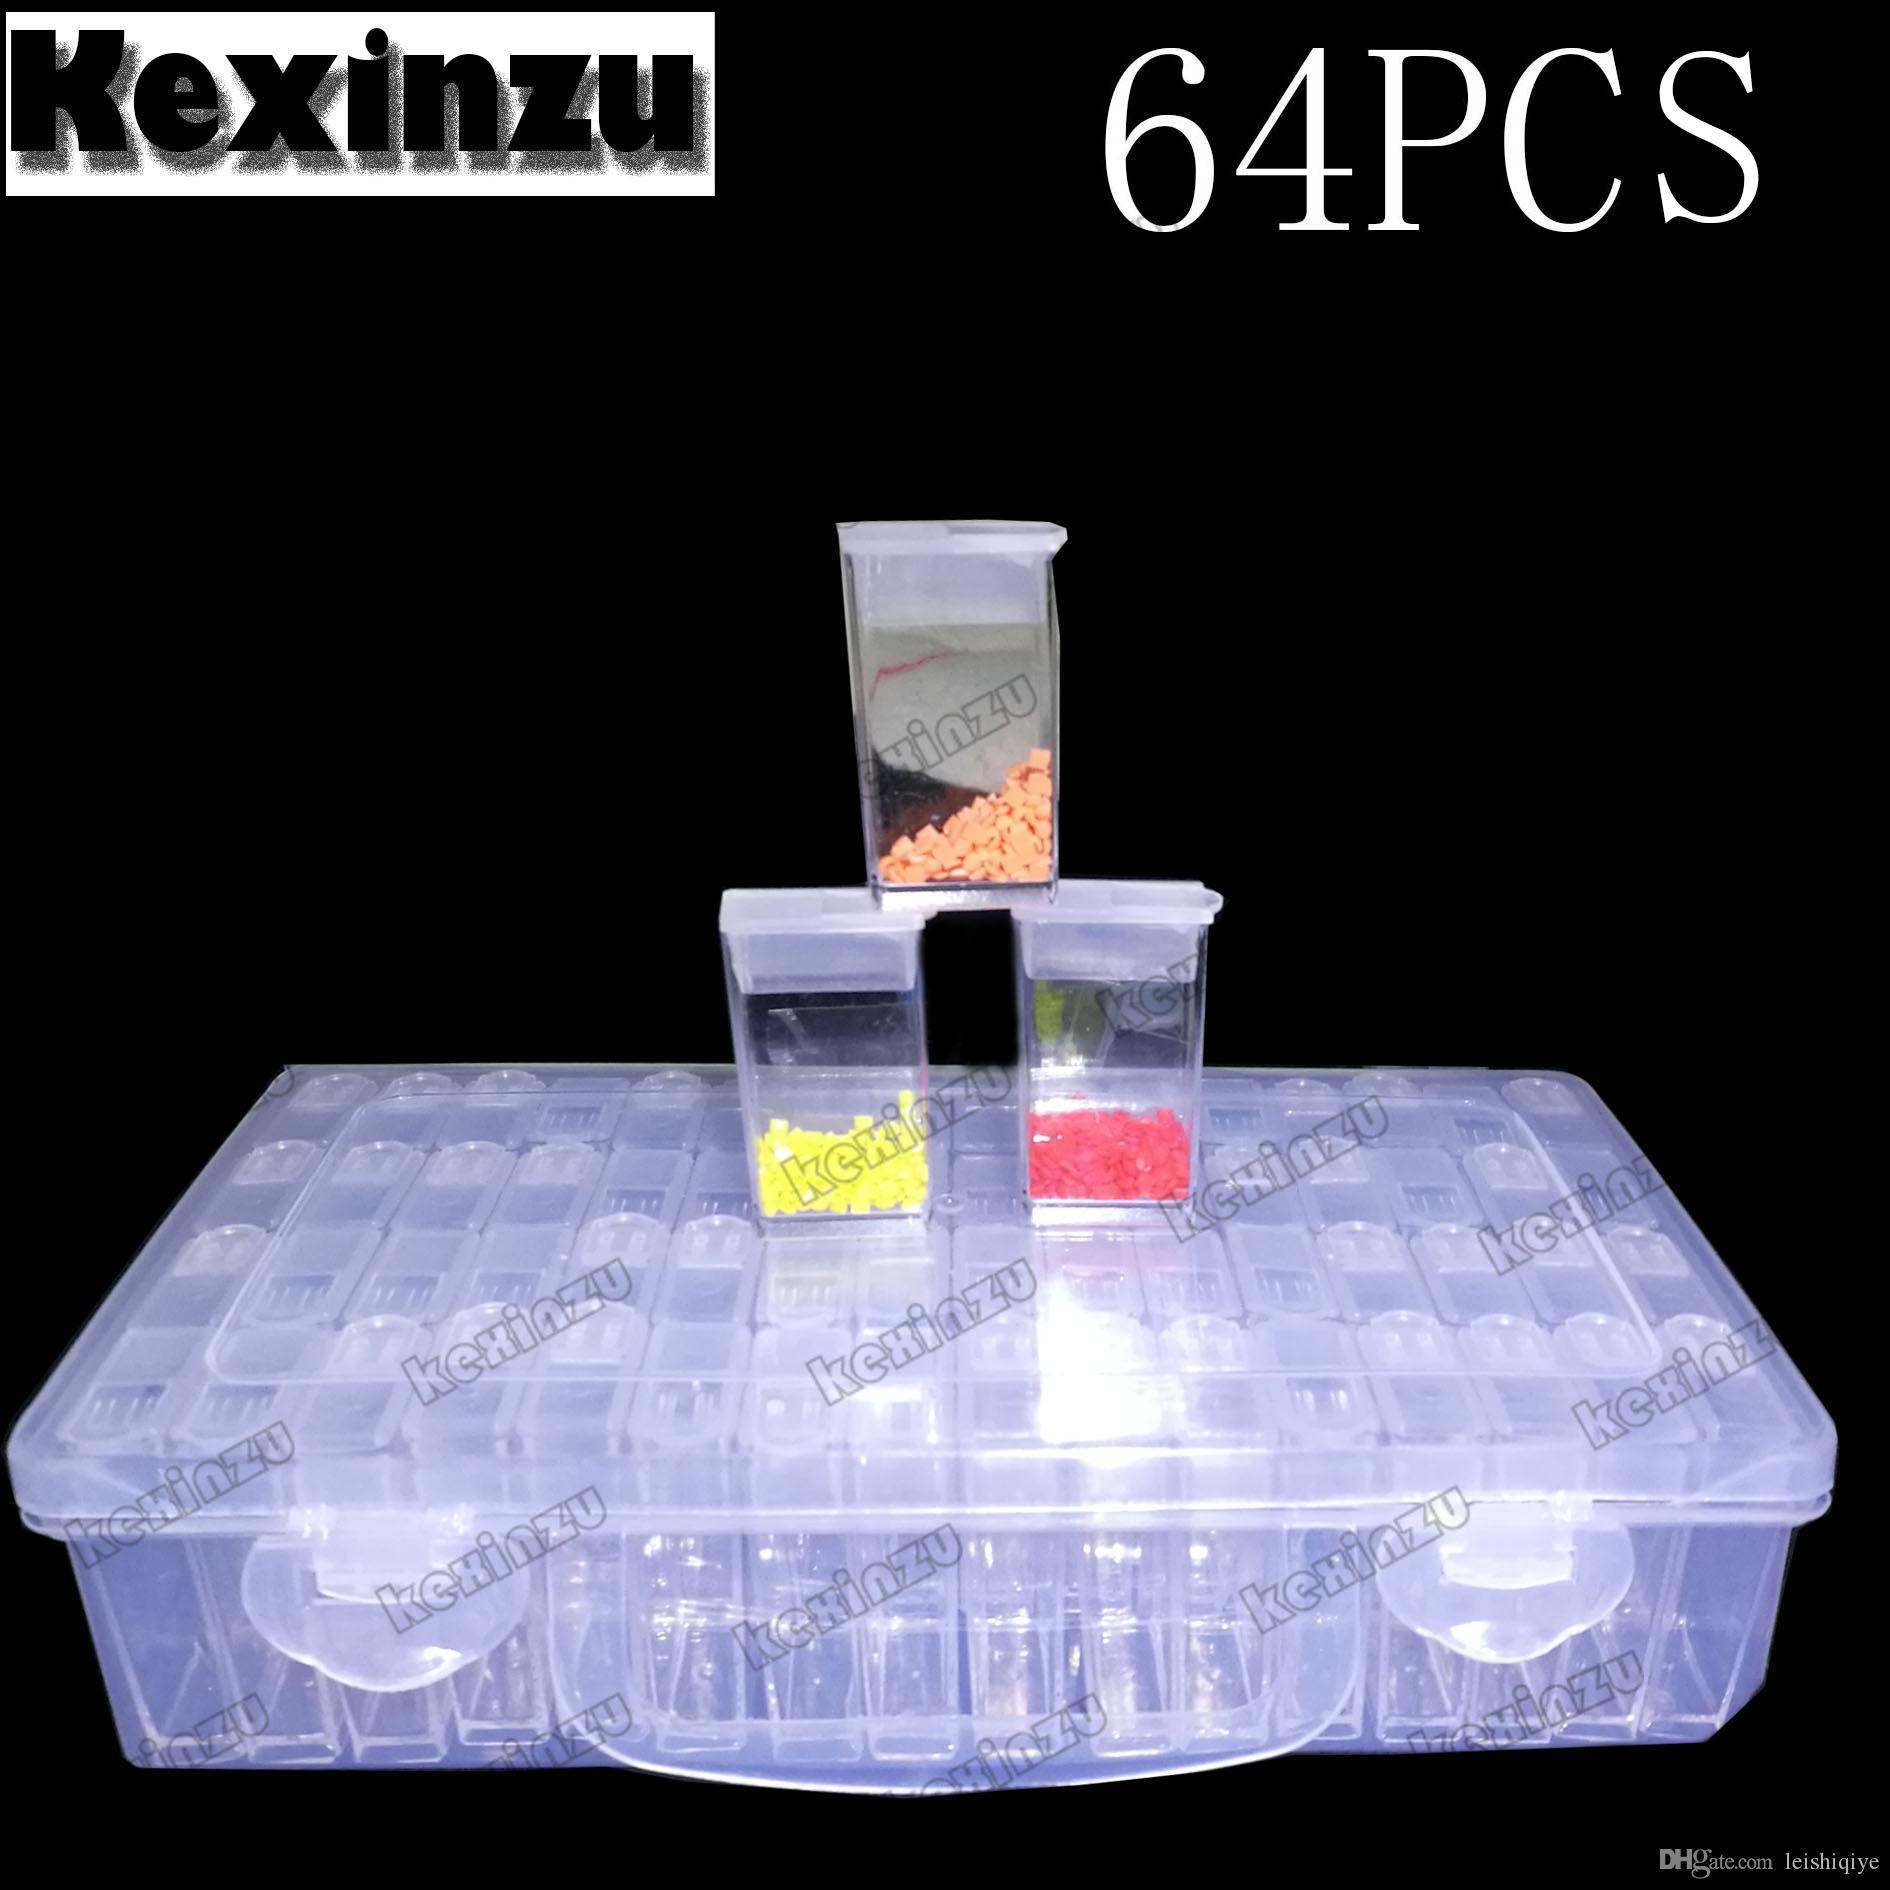 5bd17d8f7 Compre Kexinzu 64 Unidades Cajas Para Joyería Diamond Tool Diamond Beads  Contenedor Resina Rhinestone Daimond Piedra Almacenamiento De Accesorios  Caja Vacía ...